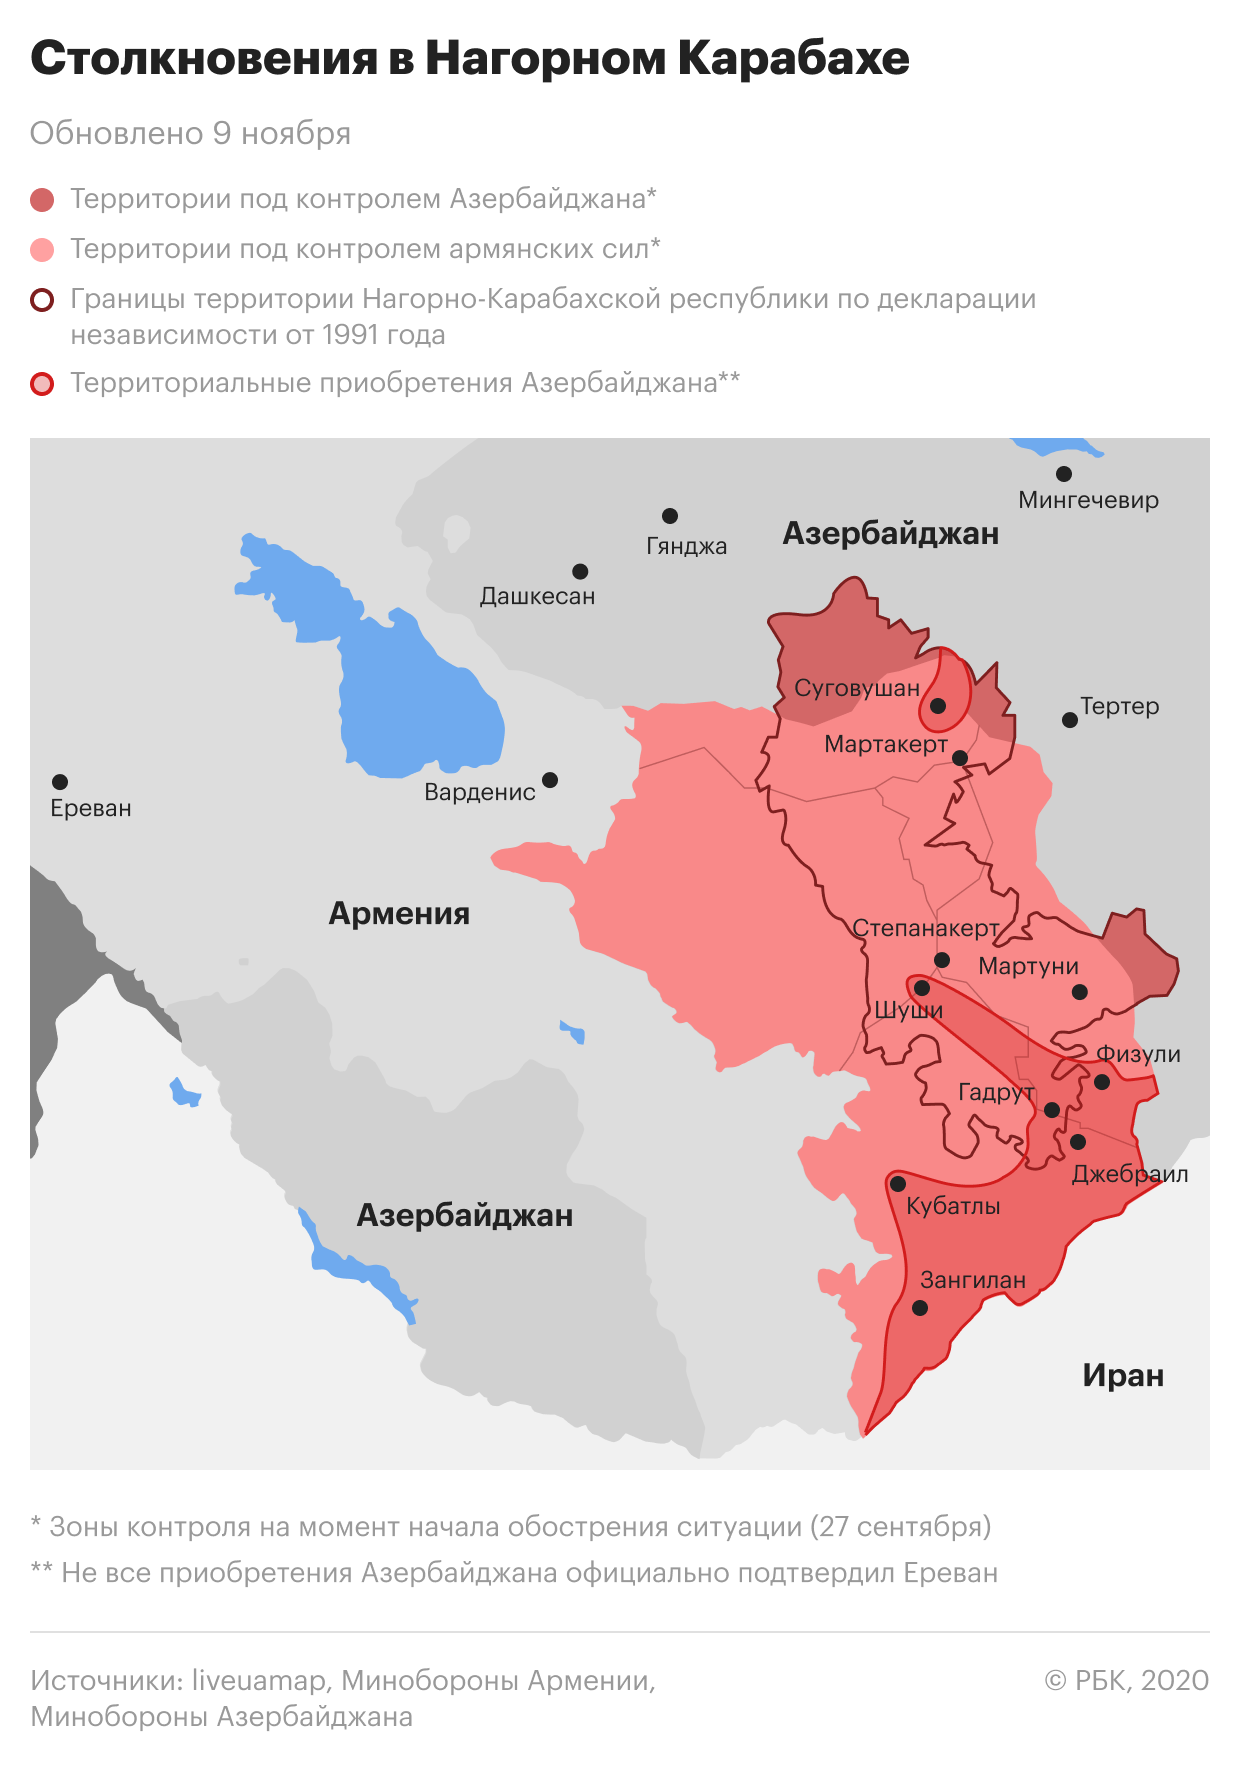 Новые ЮО-Абхазия на Кавказе